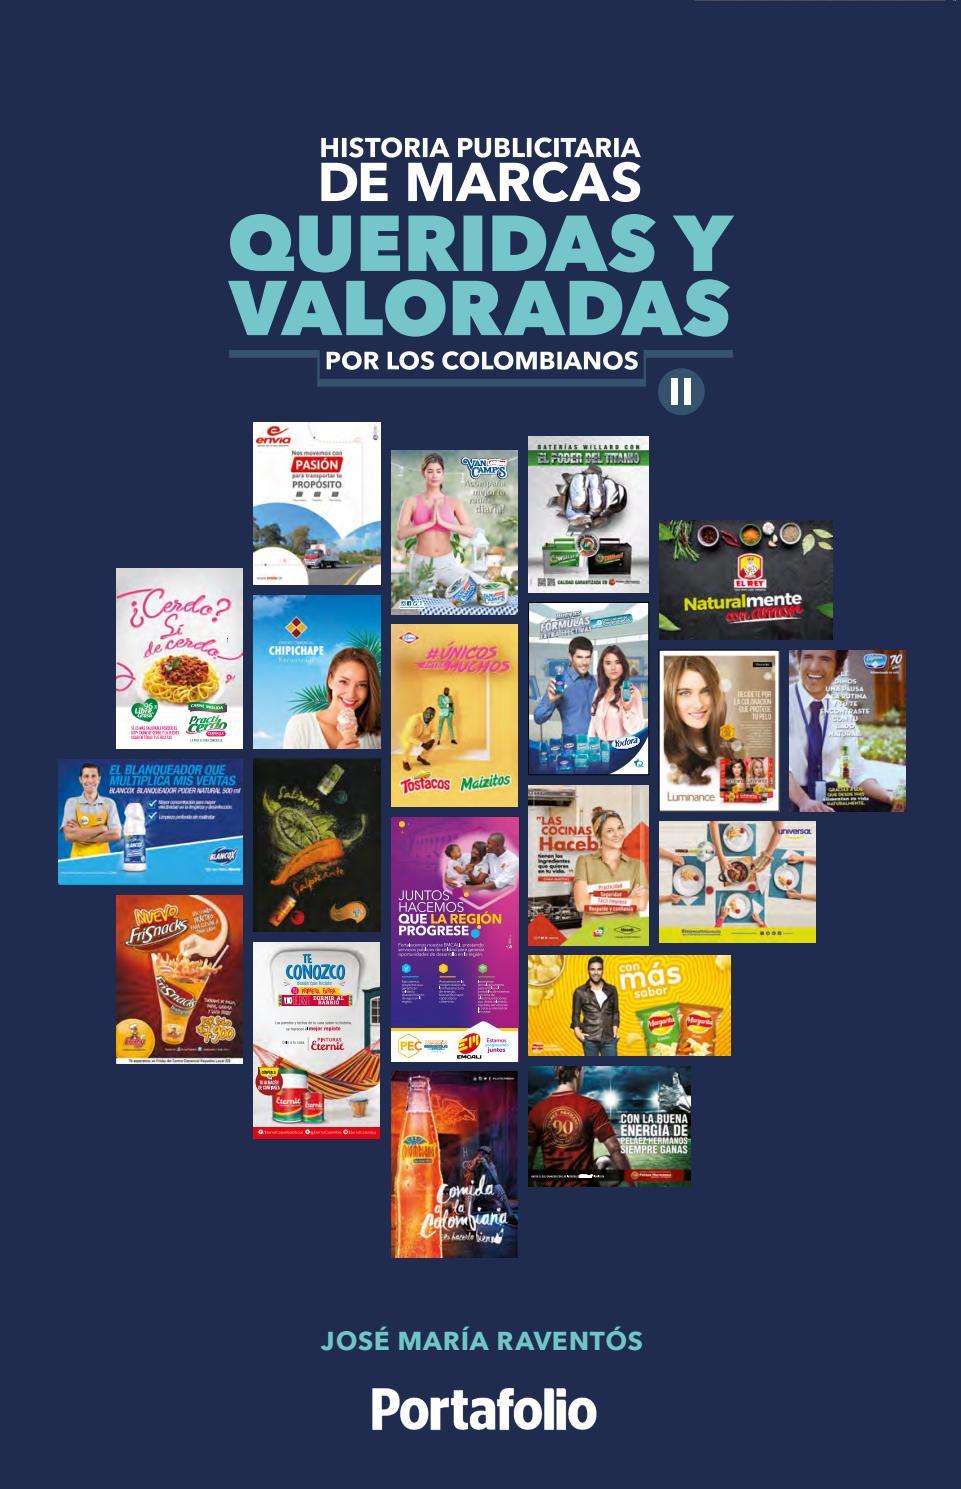 Historia publicitaria de marcas queridas y valoradas por los colombianos  Vol 2 by JMR Comunicaciones - issuu 2b1a0643fb5